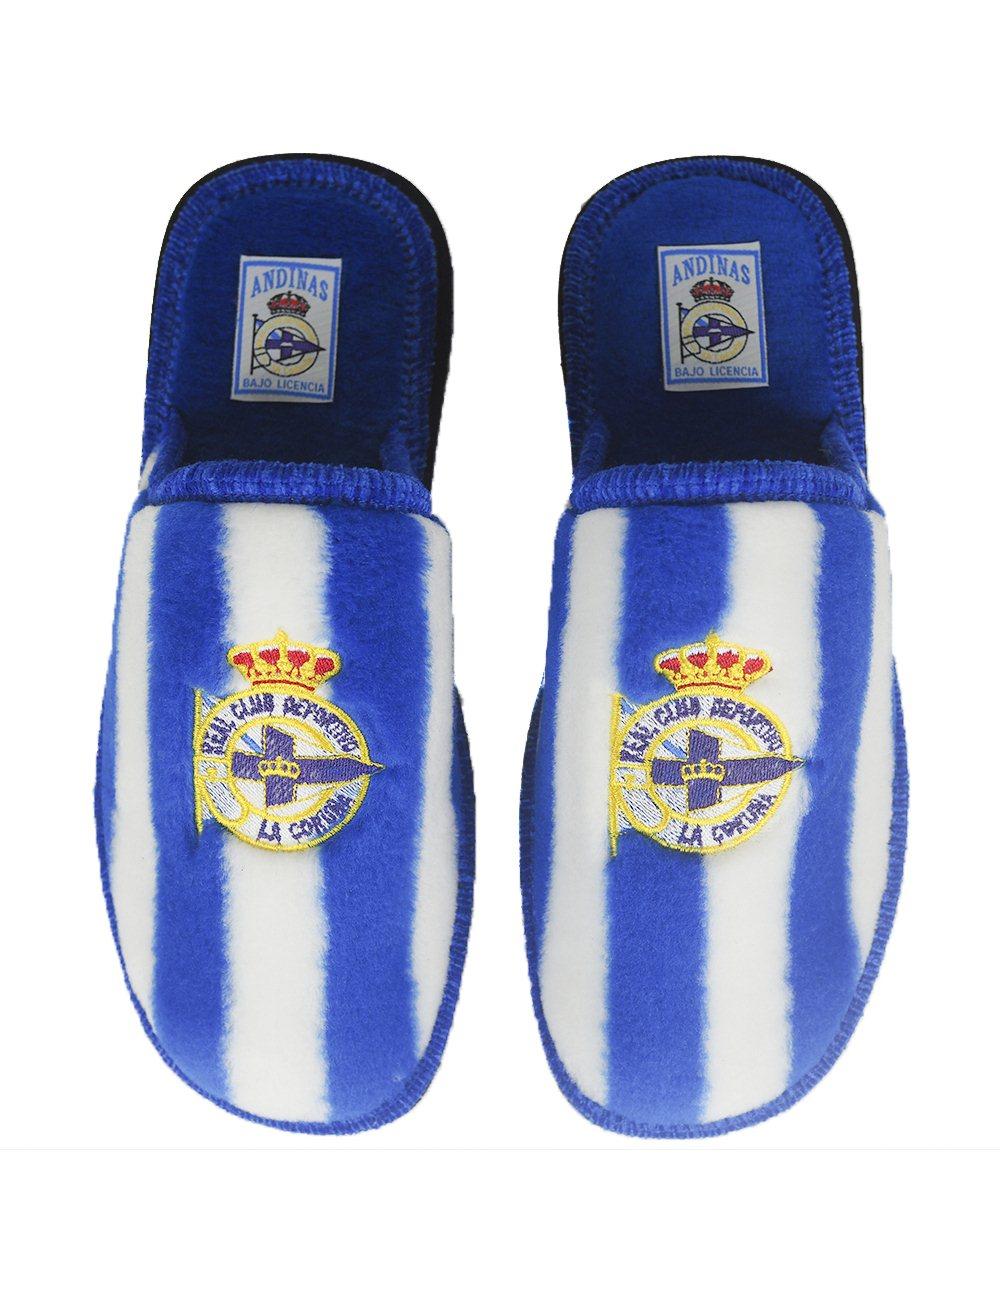 Zapatillas Deportivo de la Coruña